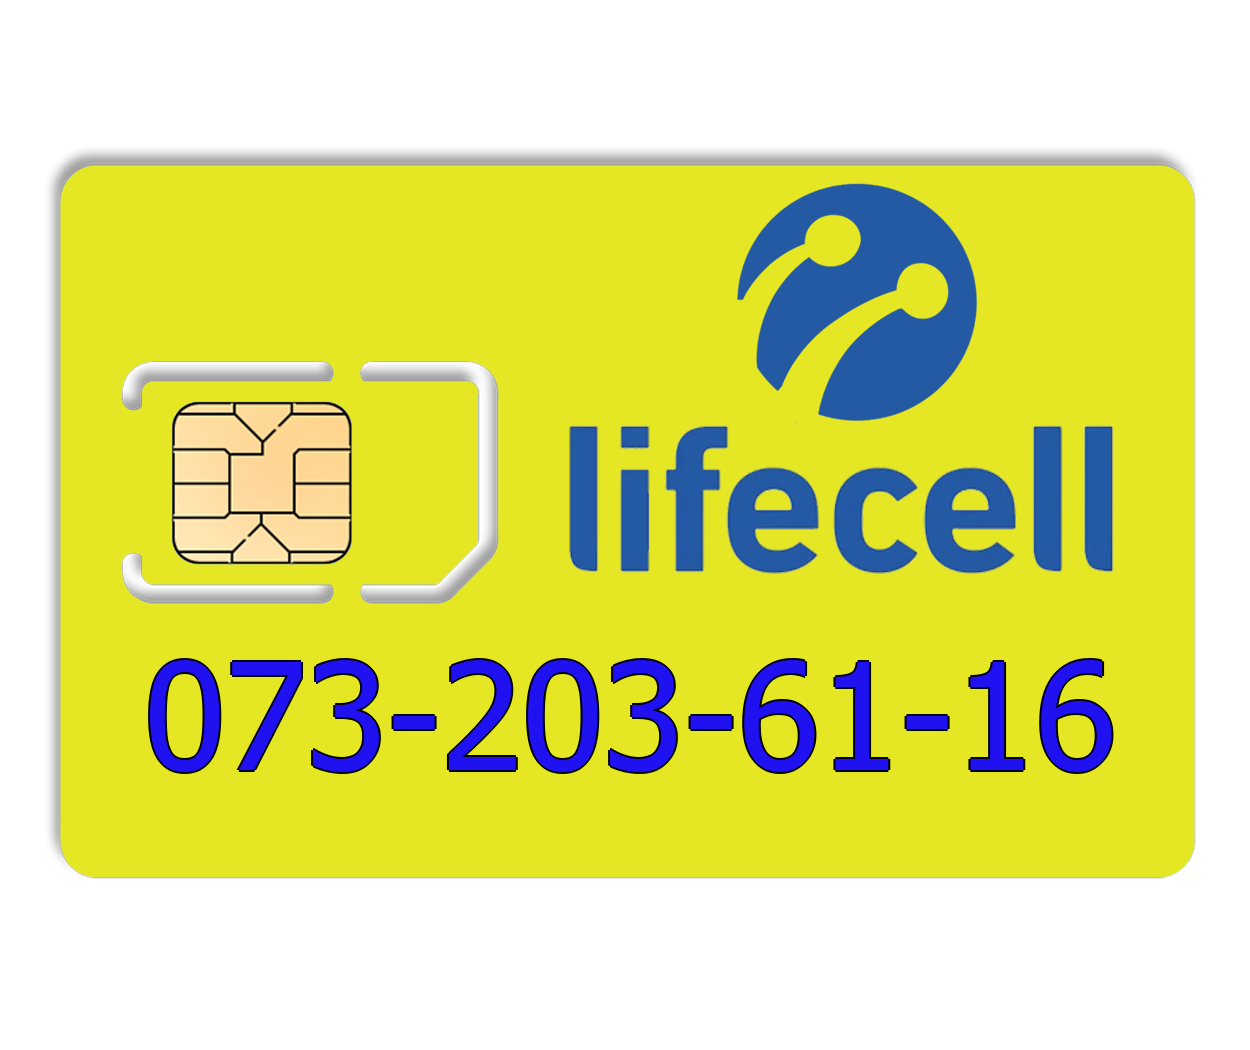 Красивый номер lifecell 073-203-61-16